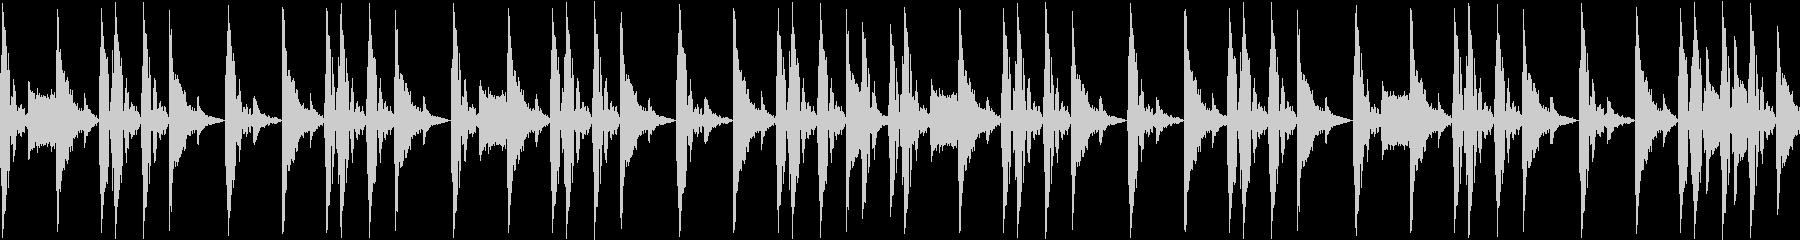 ノリの良いブレークビーツ_001の未再生の波形